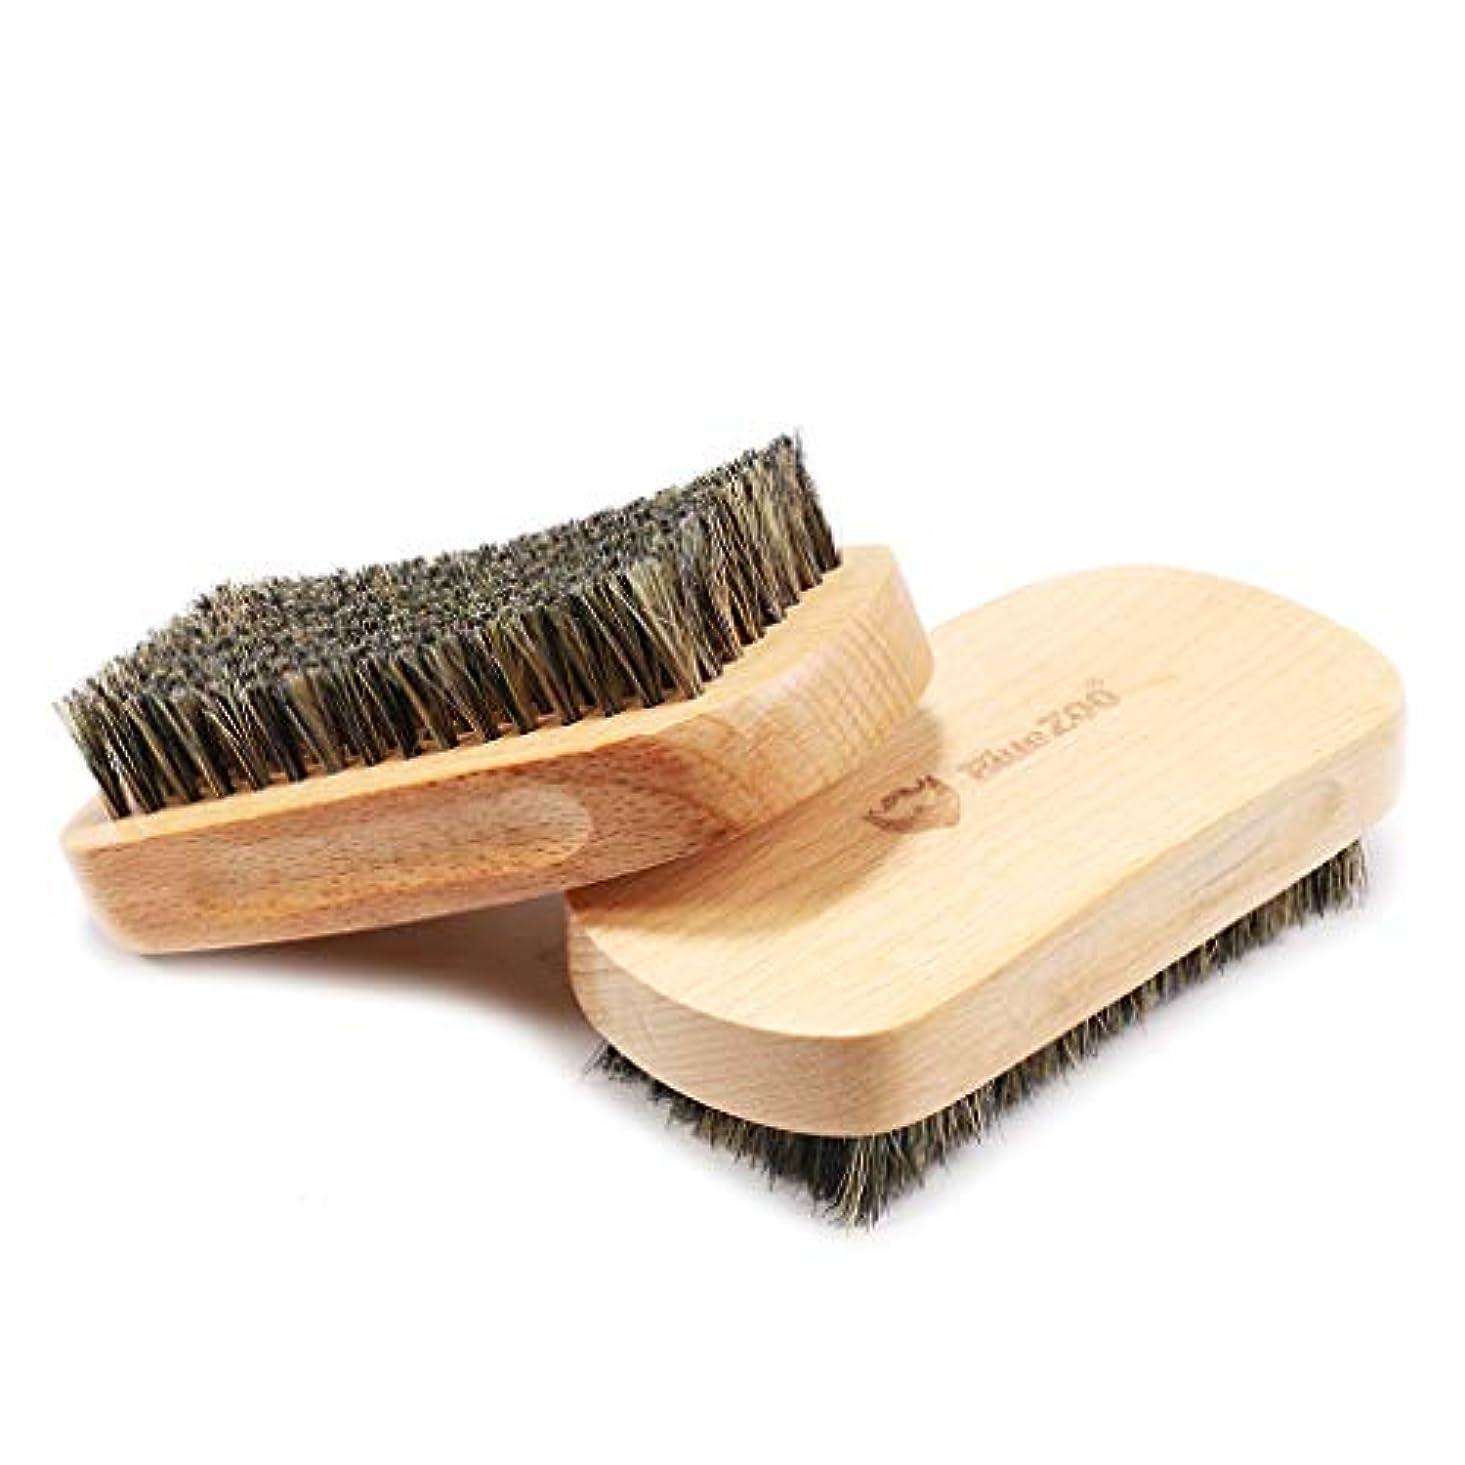 クアッガリレーイデオロギーひげブラシ シェービングブラシ メンズ 毛髭ブラシ ひげ剃り 硬い剛毛 理容 洗顔 髭剃り